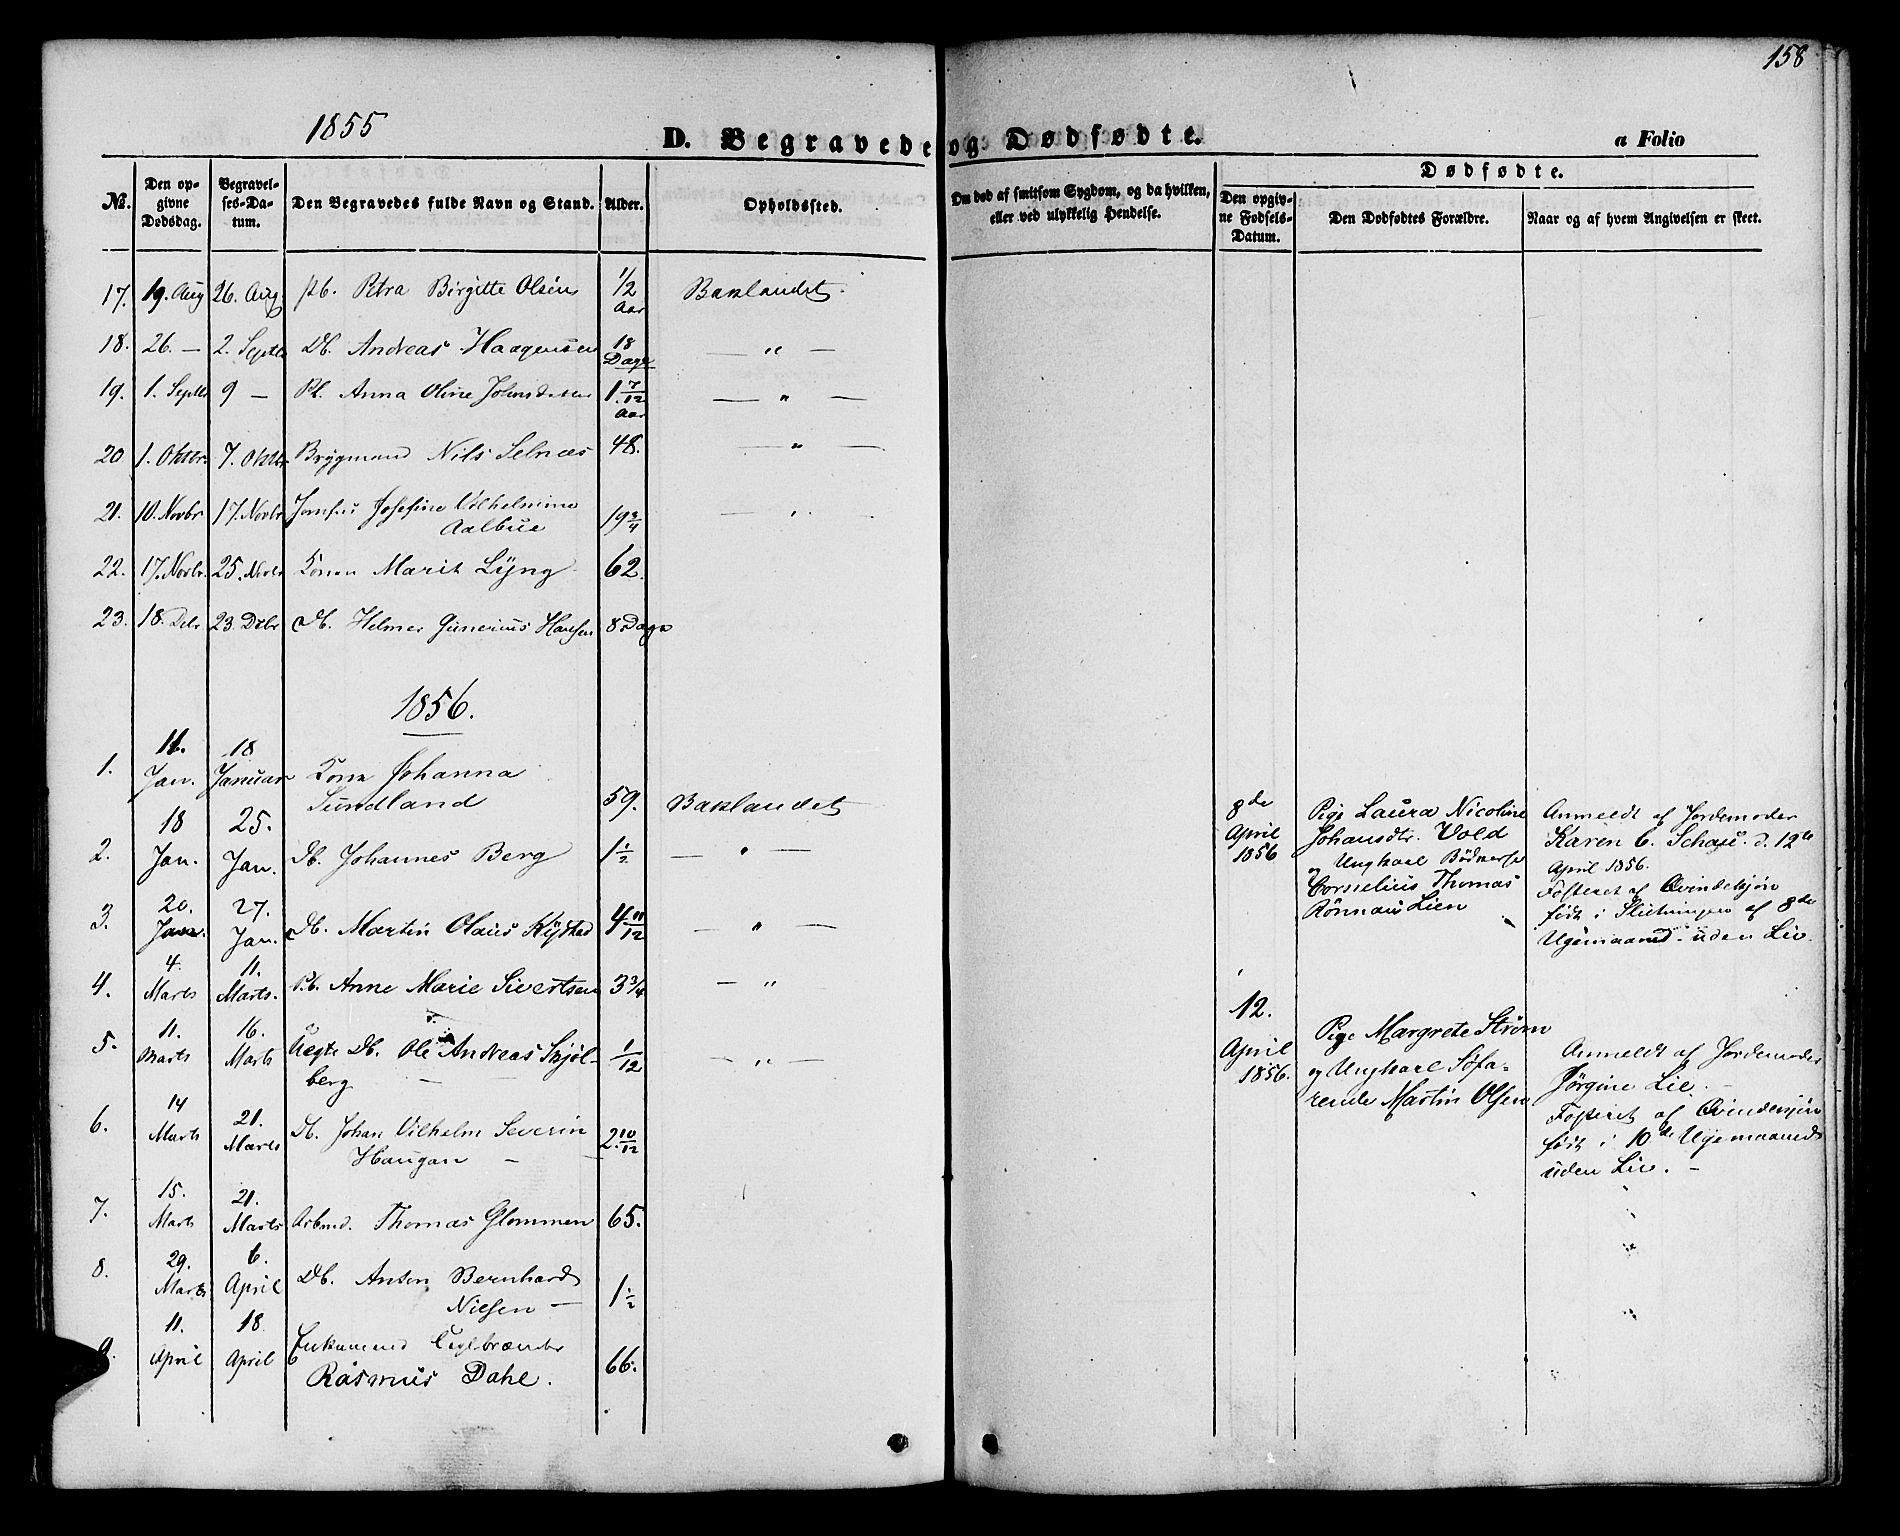 SAT, Ministerialprotokoller, klokkerbøker og fødselsregistre - Sør-Trøndelag, 604/L0184: Ministerialbok nr. 604A05, 1851-1860, s. 158